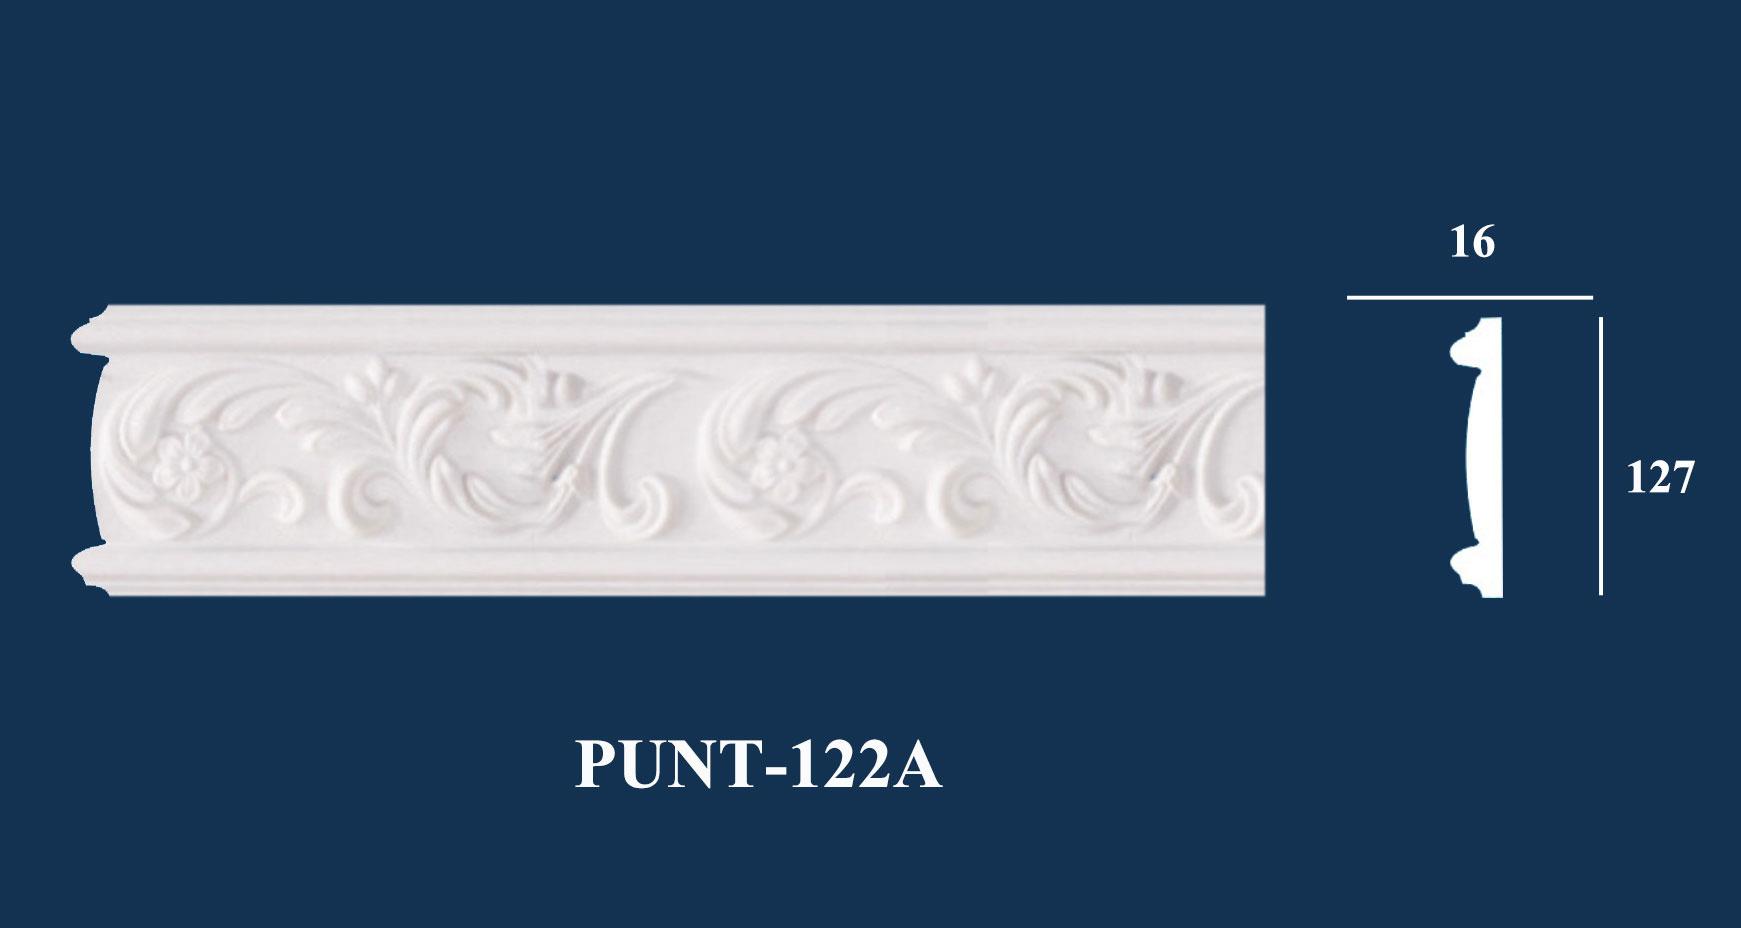 Chỉ Nẹp Hoa Văn Trang Trí - PUNT-122A